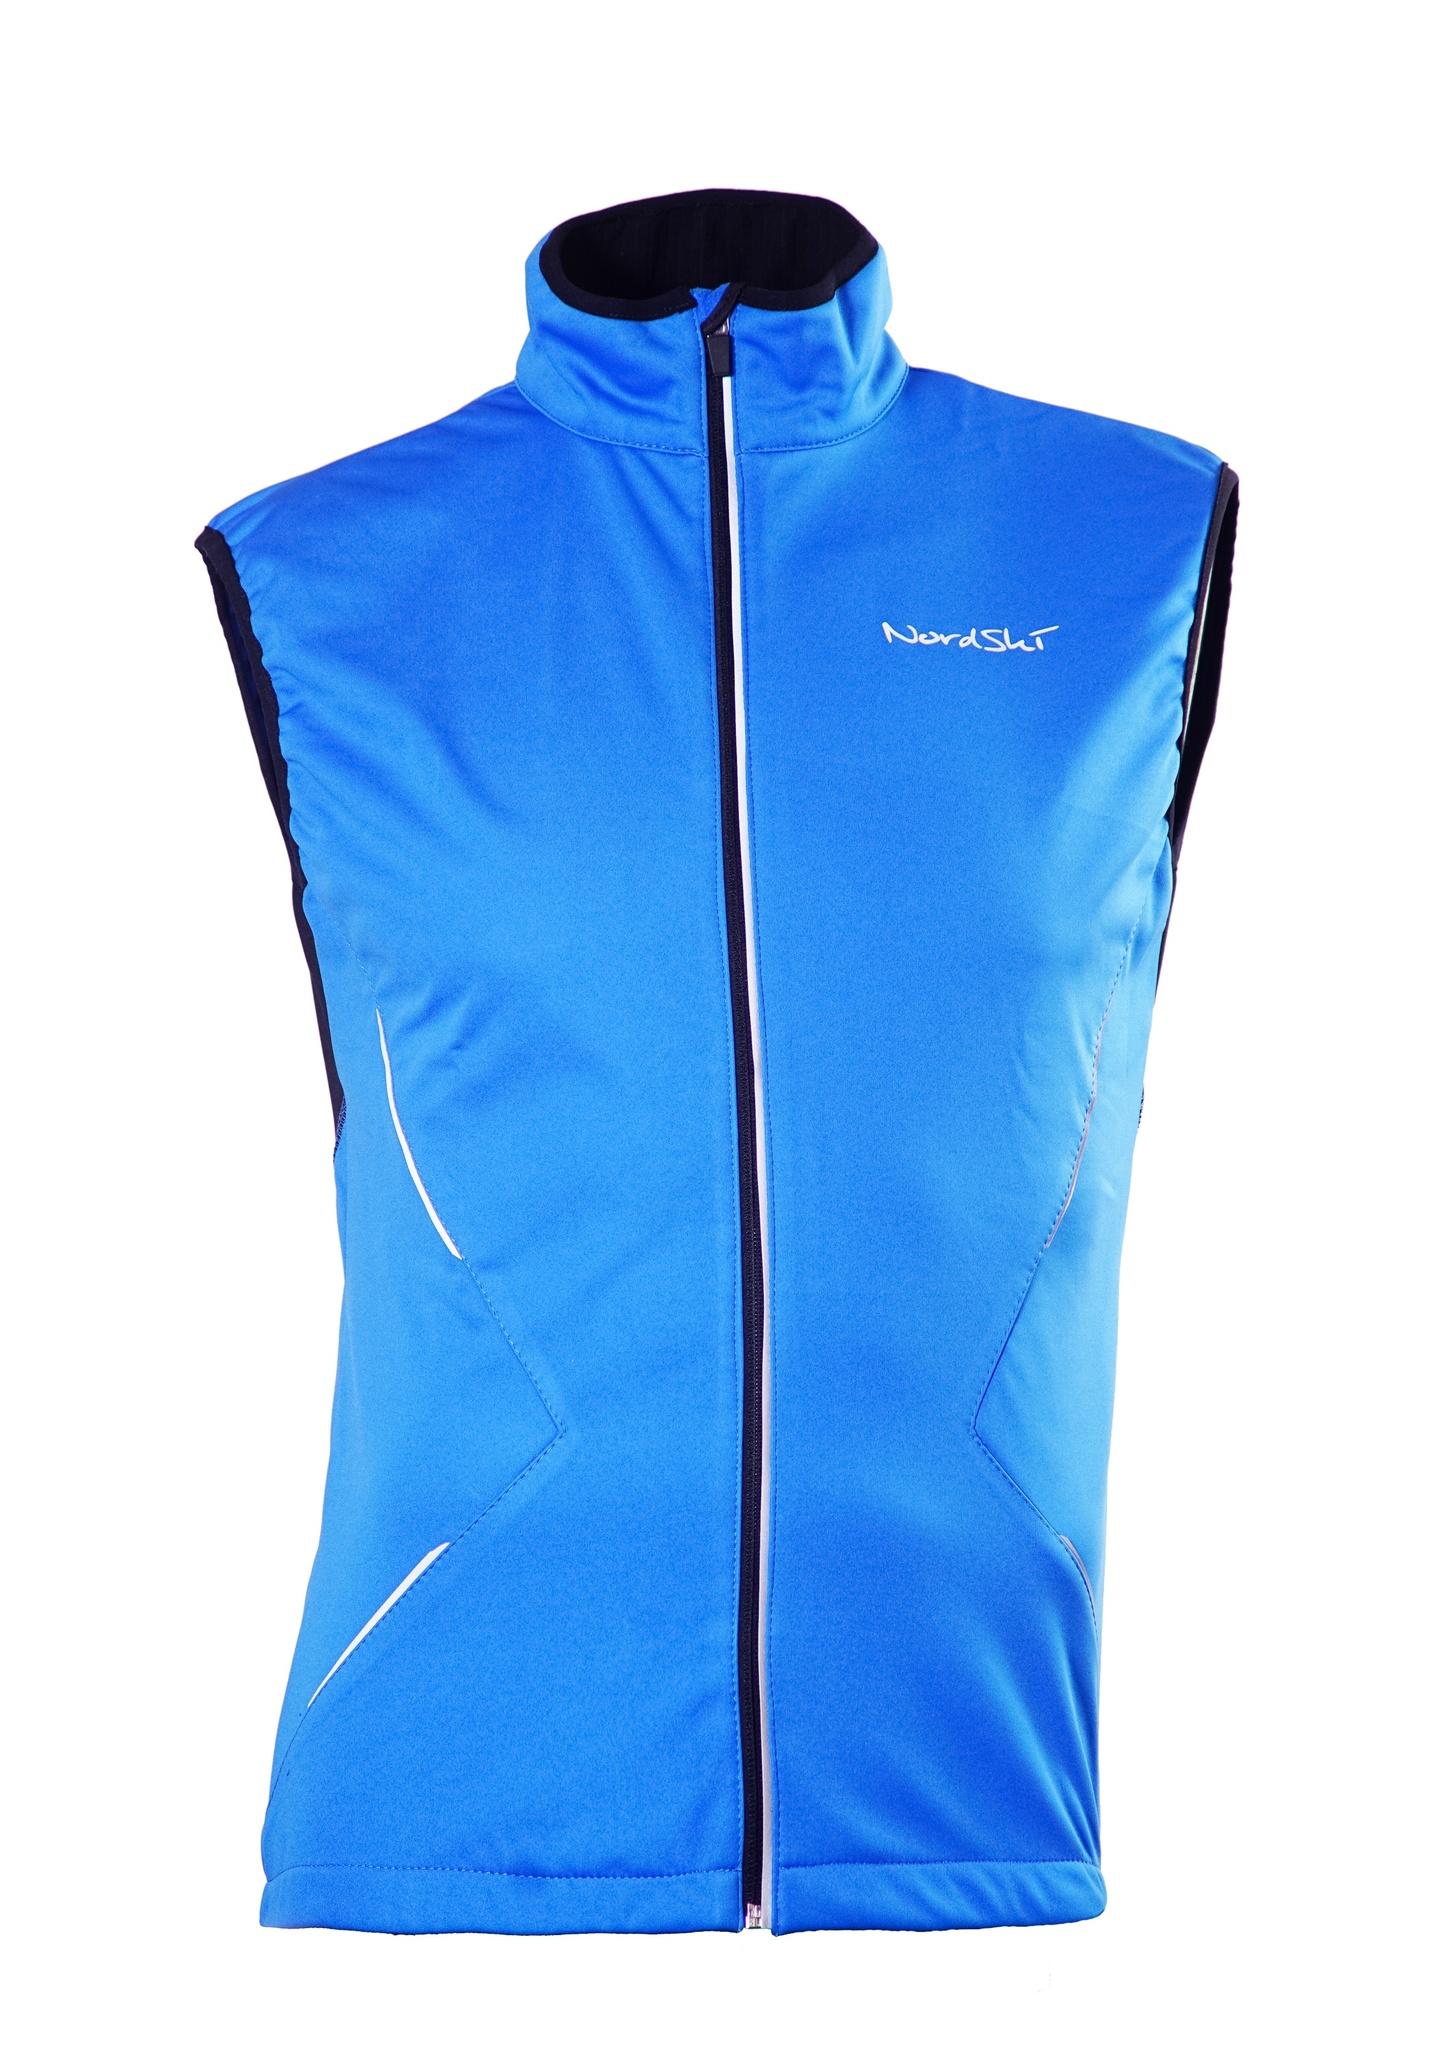 Детский лыжный жилет SoftShell Nordski Premium (NSJ312700) синий